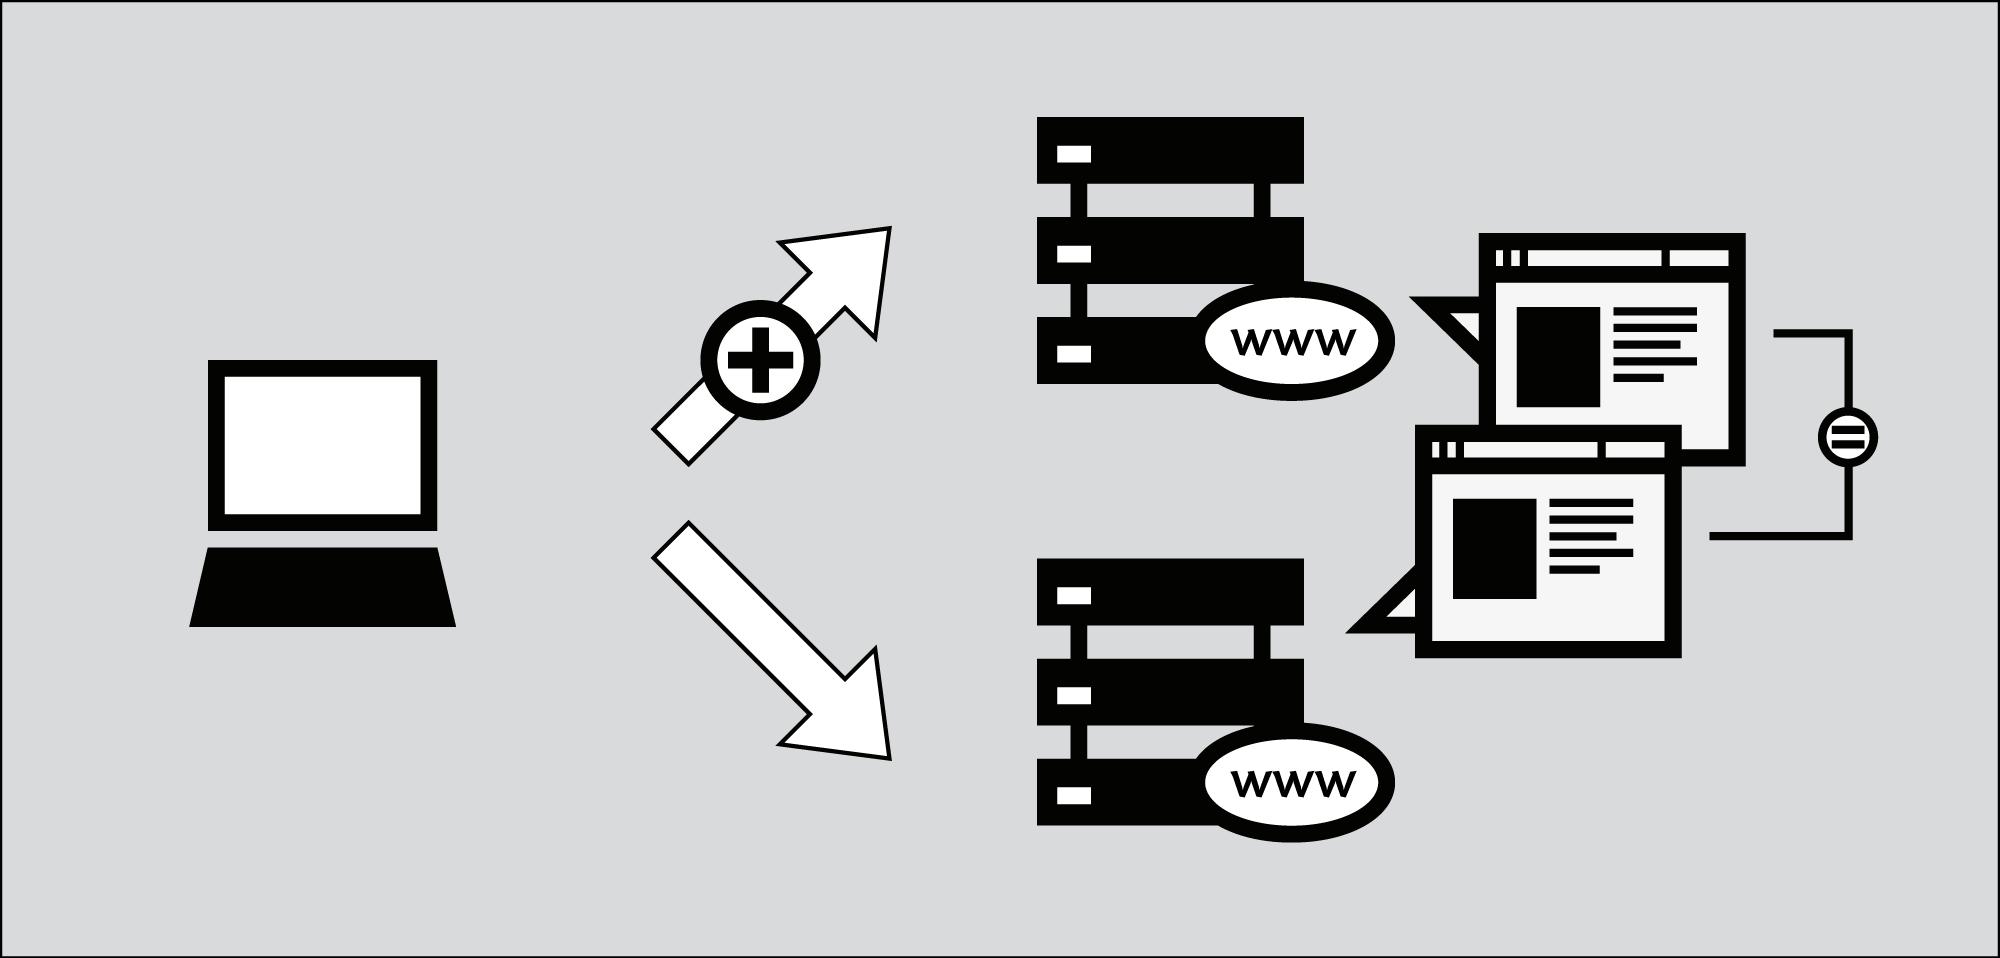 Ищу Быстрые Прокси Под Кран Bitcoin- Скрытые краны биткоин о которых вы не знали bitalk org, купить подходящие прокси для брута email